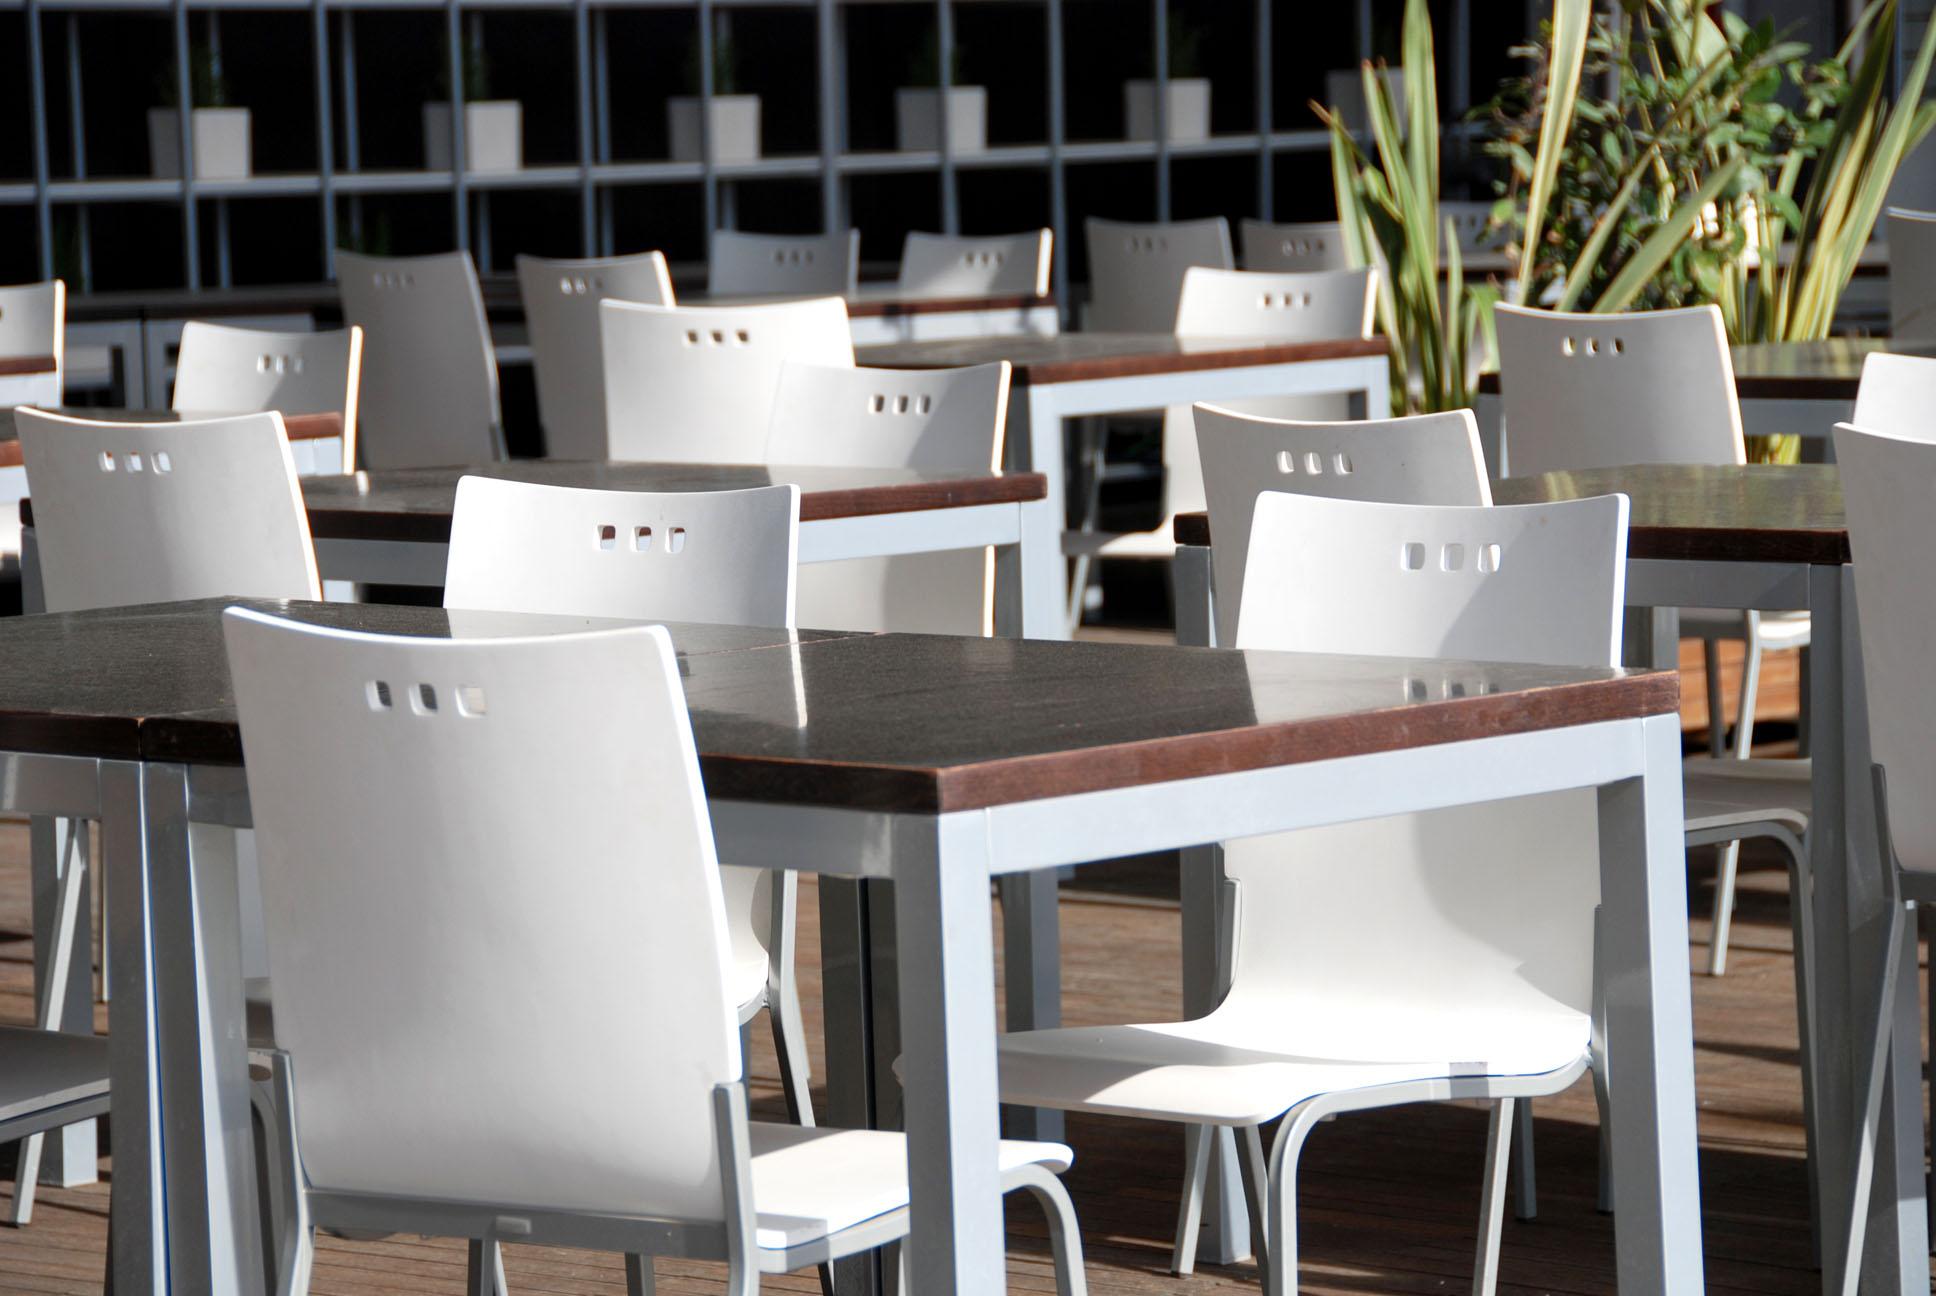 Noleggio tavoli e sedie Besana in Brianza